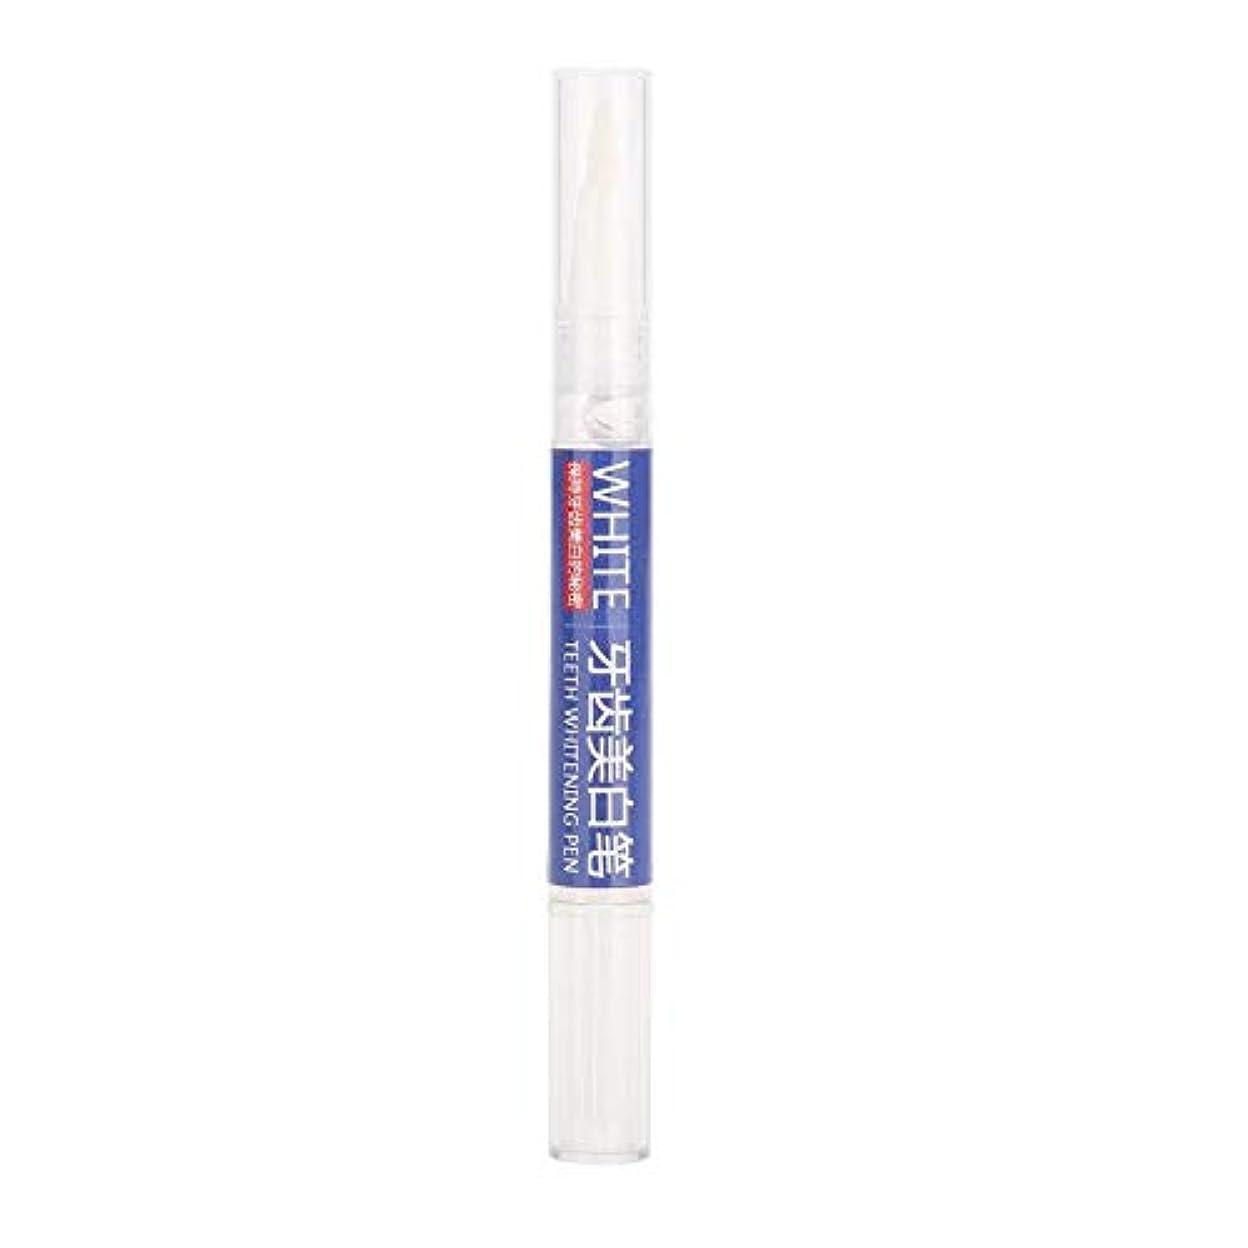 率直な立ち向かう良性ホワイトニングトゥースペン3mlイエロートゥースシガレット汚れ除去ホワイトニングホワイトニングトゥースジェルペン